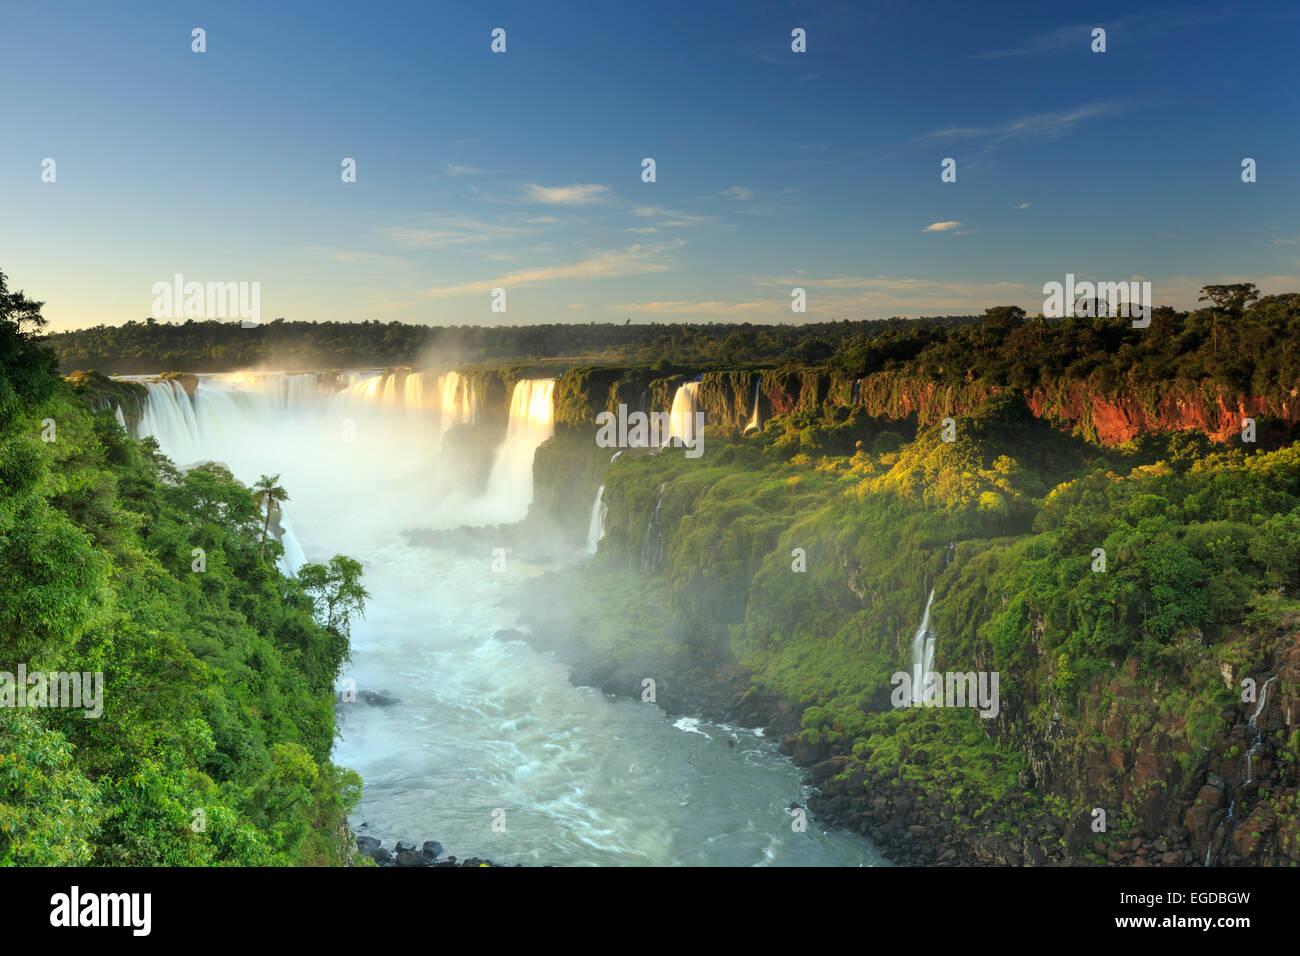 Il Brasile, Parana, Iguassu Falls National Park (Cataratas do Iguacu) (Sito UNESCO) Immagini Stock